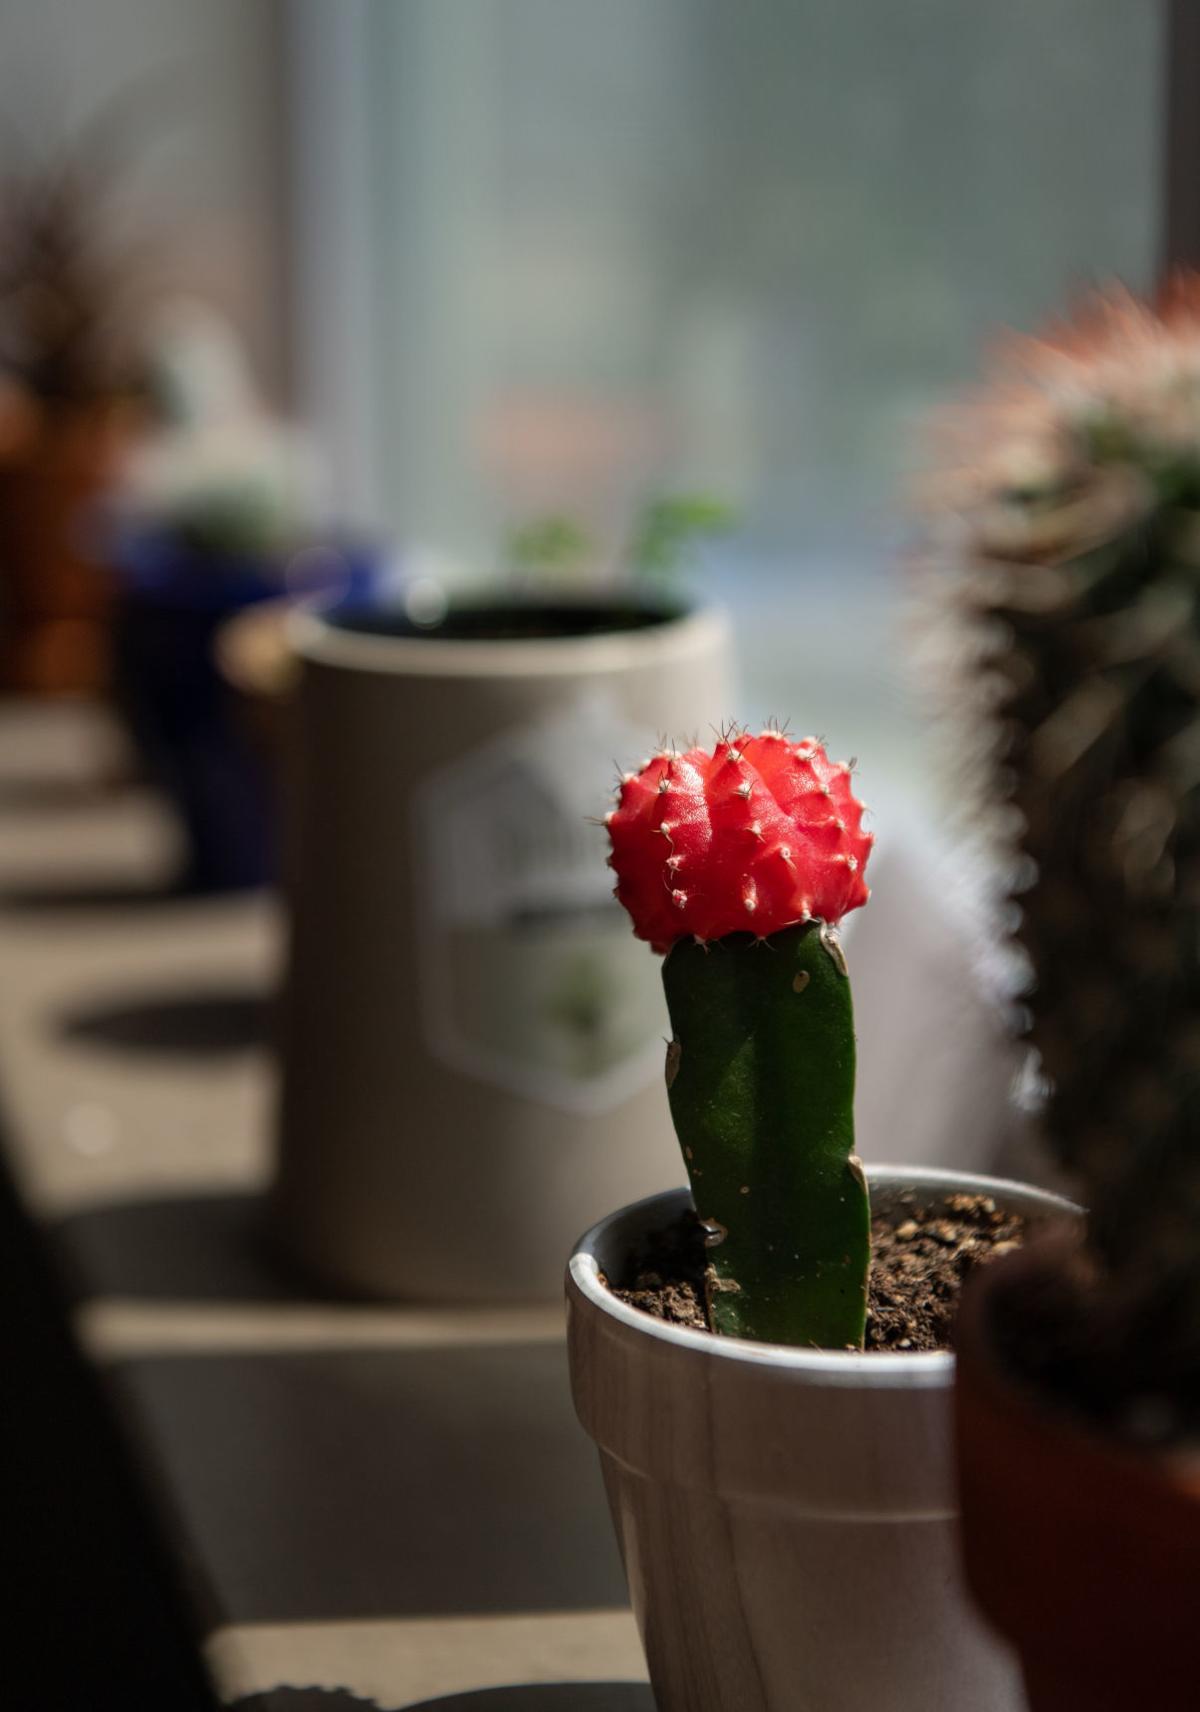 Plant loving roommates, 4.25